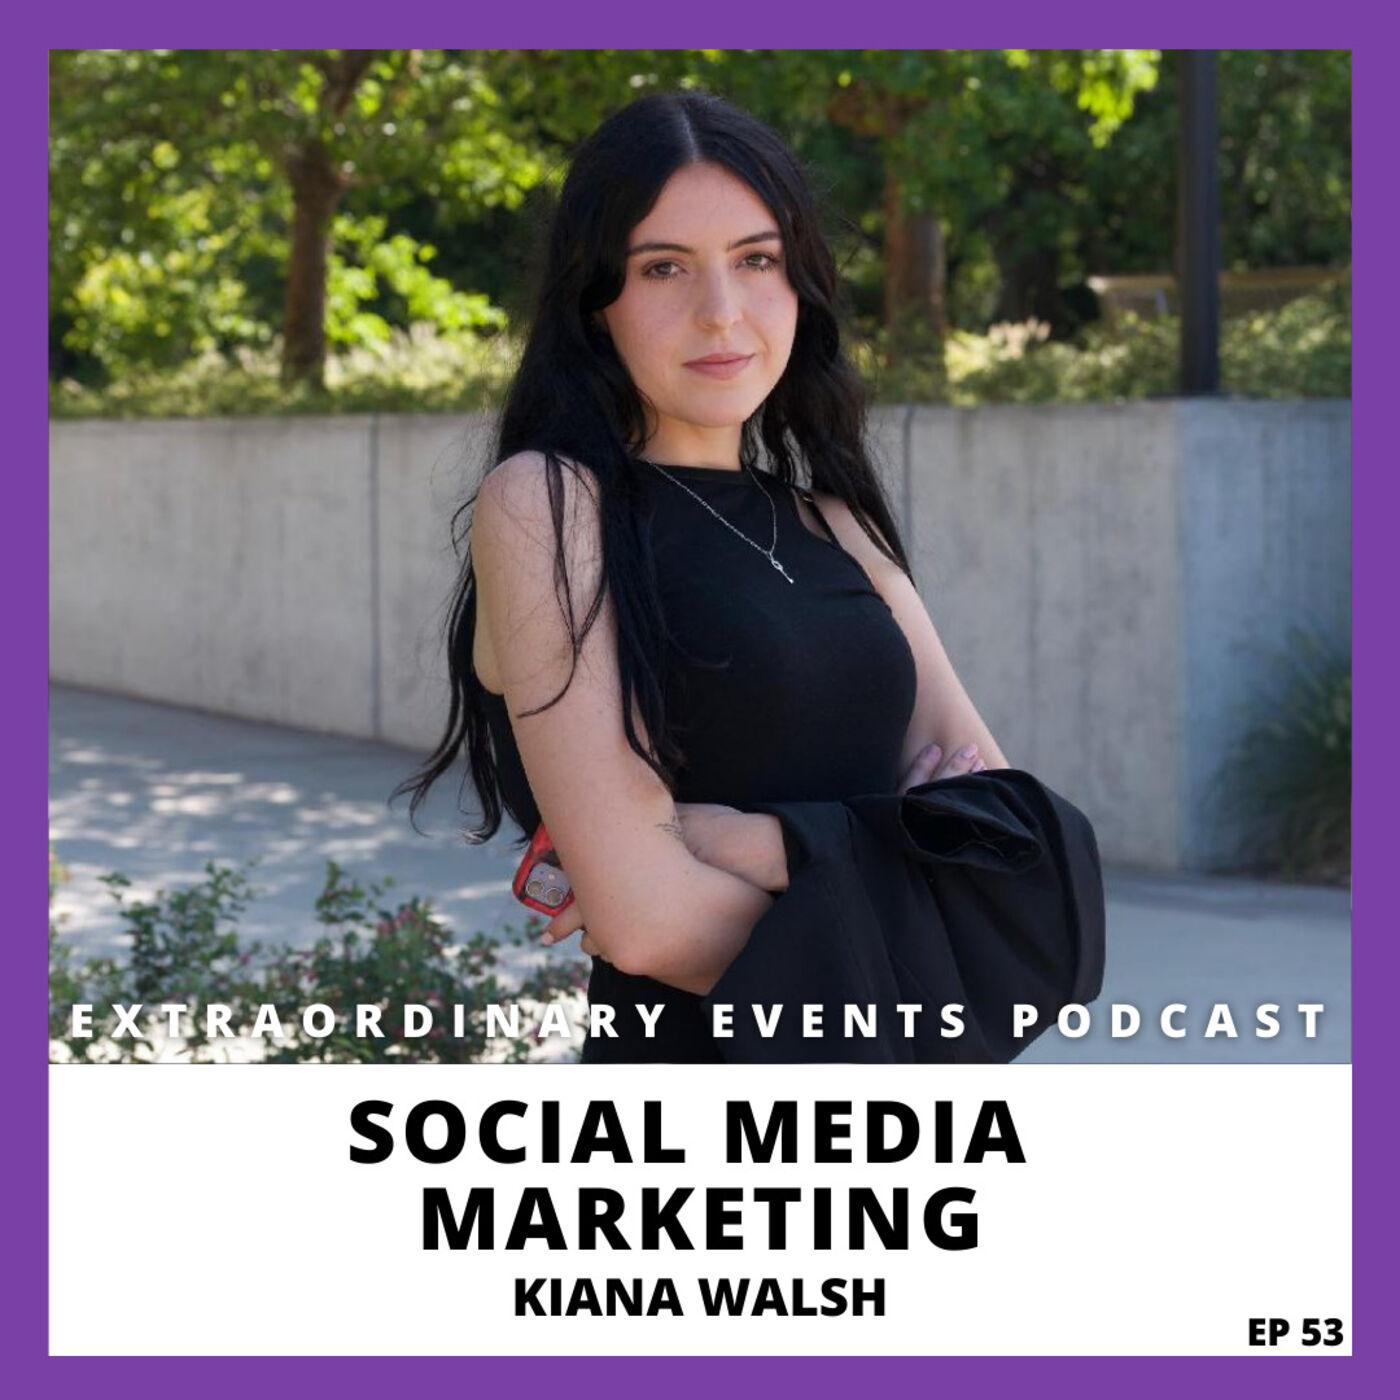 Ep 53: Social Media Marketing with Kiana Walsh